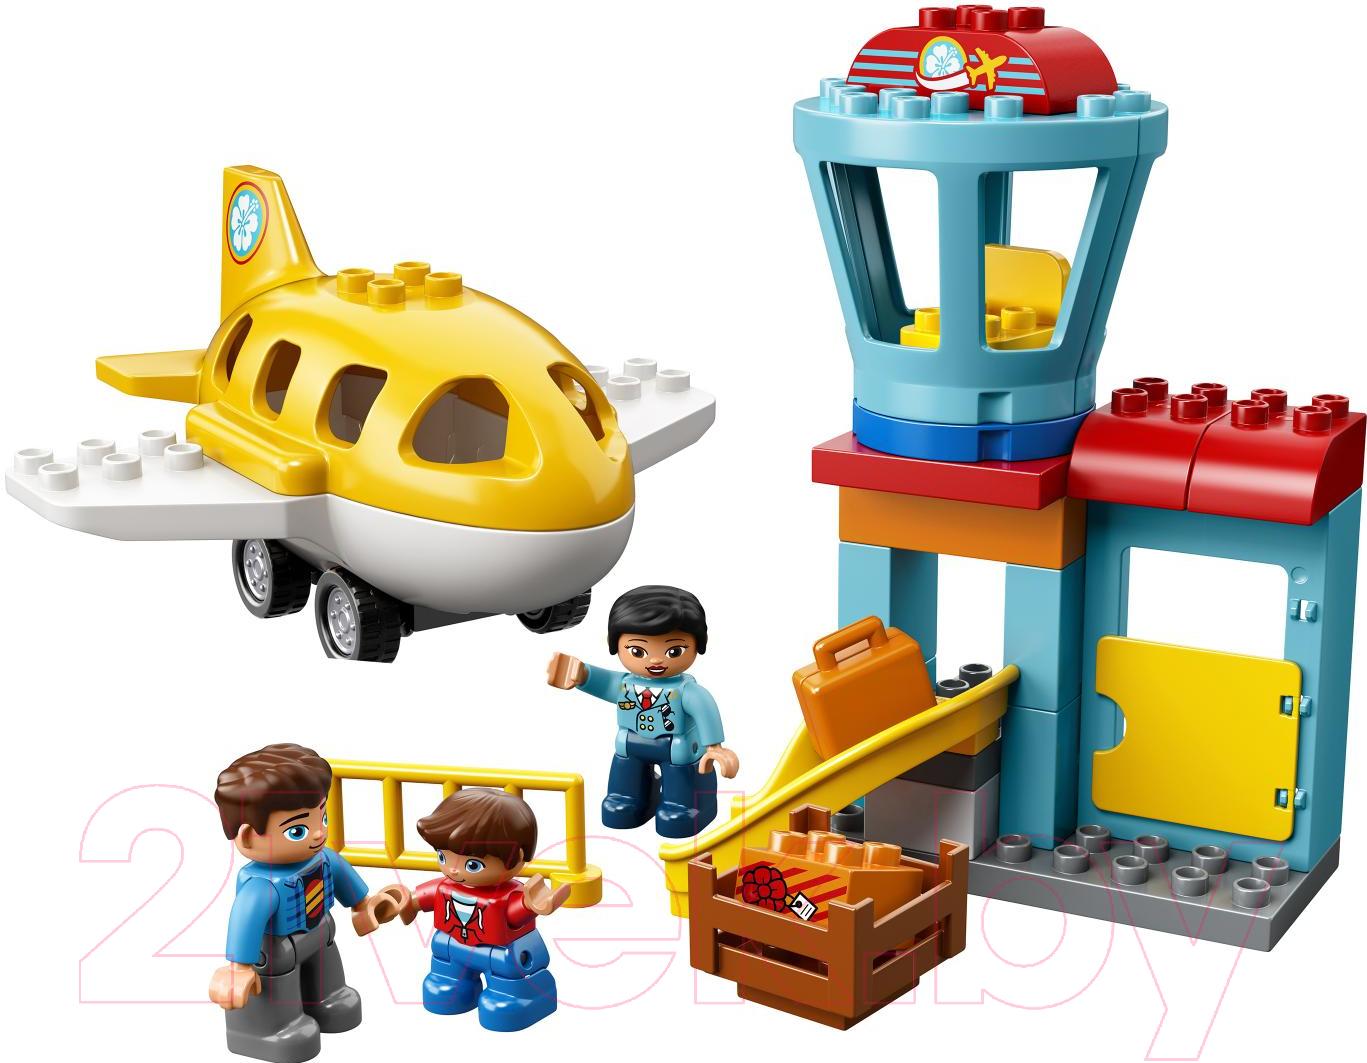 Купить Конструктор Lego, Duplo Town Аэропорт 10871, Китай, пластик